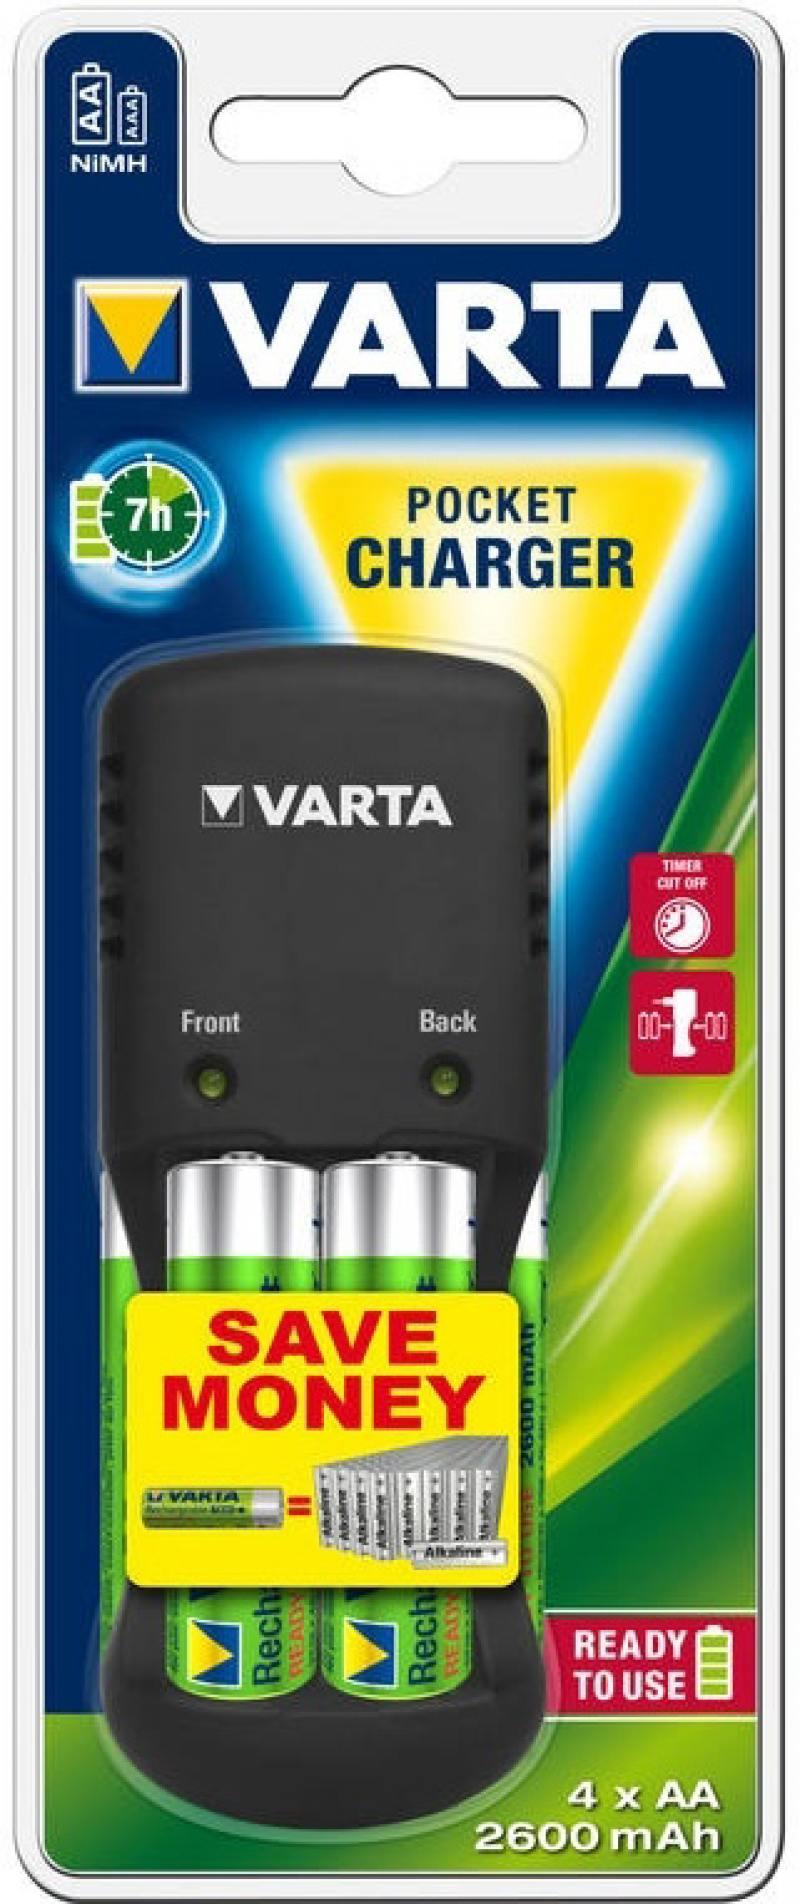 где купить Зарядное устройство + аккумуляторы 2600 mAh Varta Pocket Charger AA/AAA 4 шт дешево